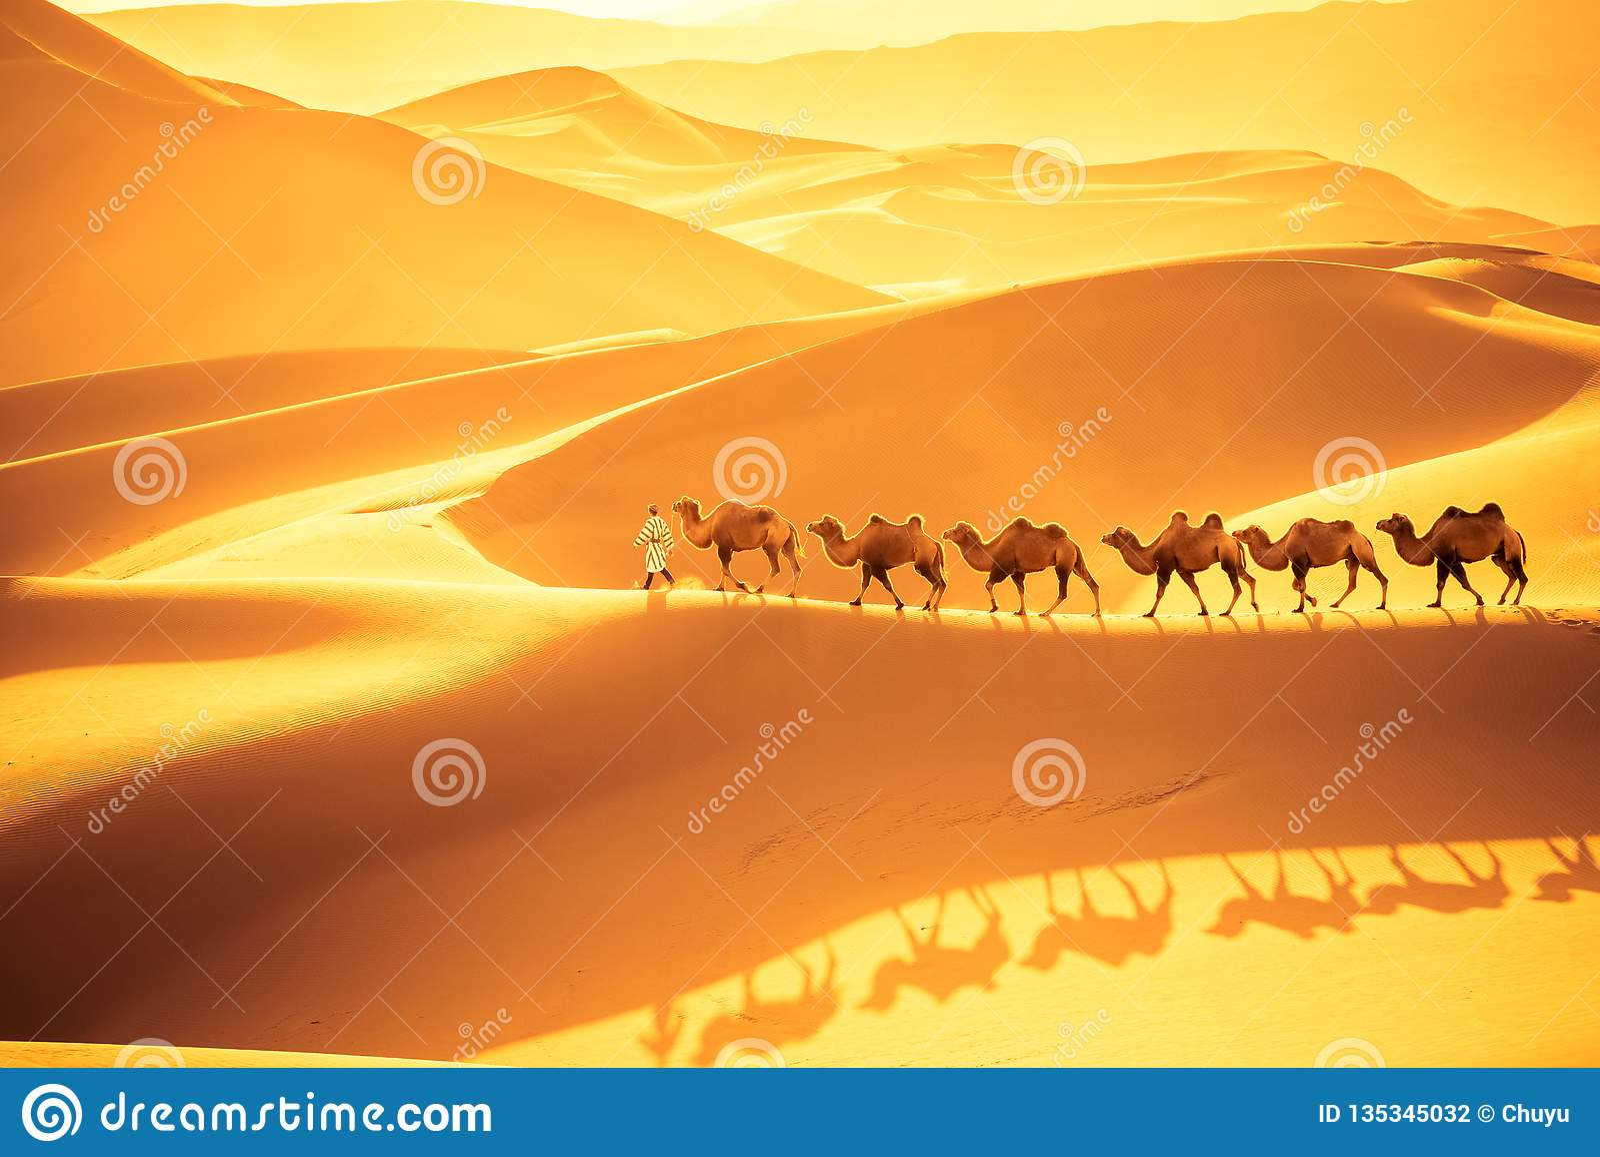 Верблюды пустыни объединяются в команду